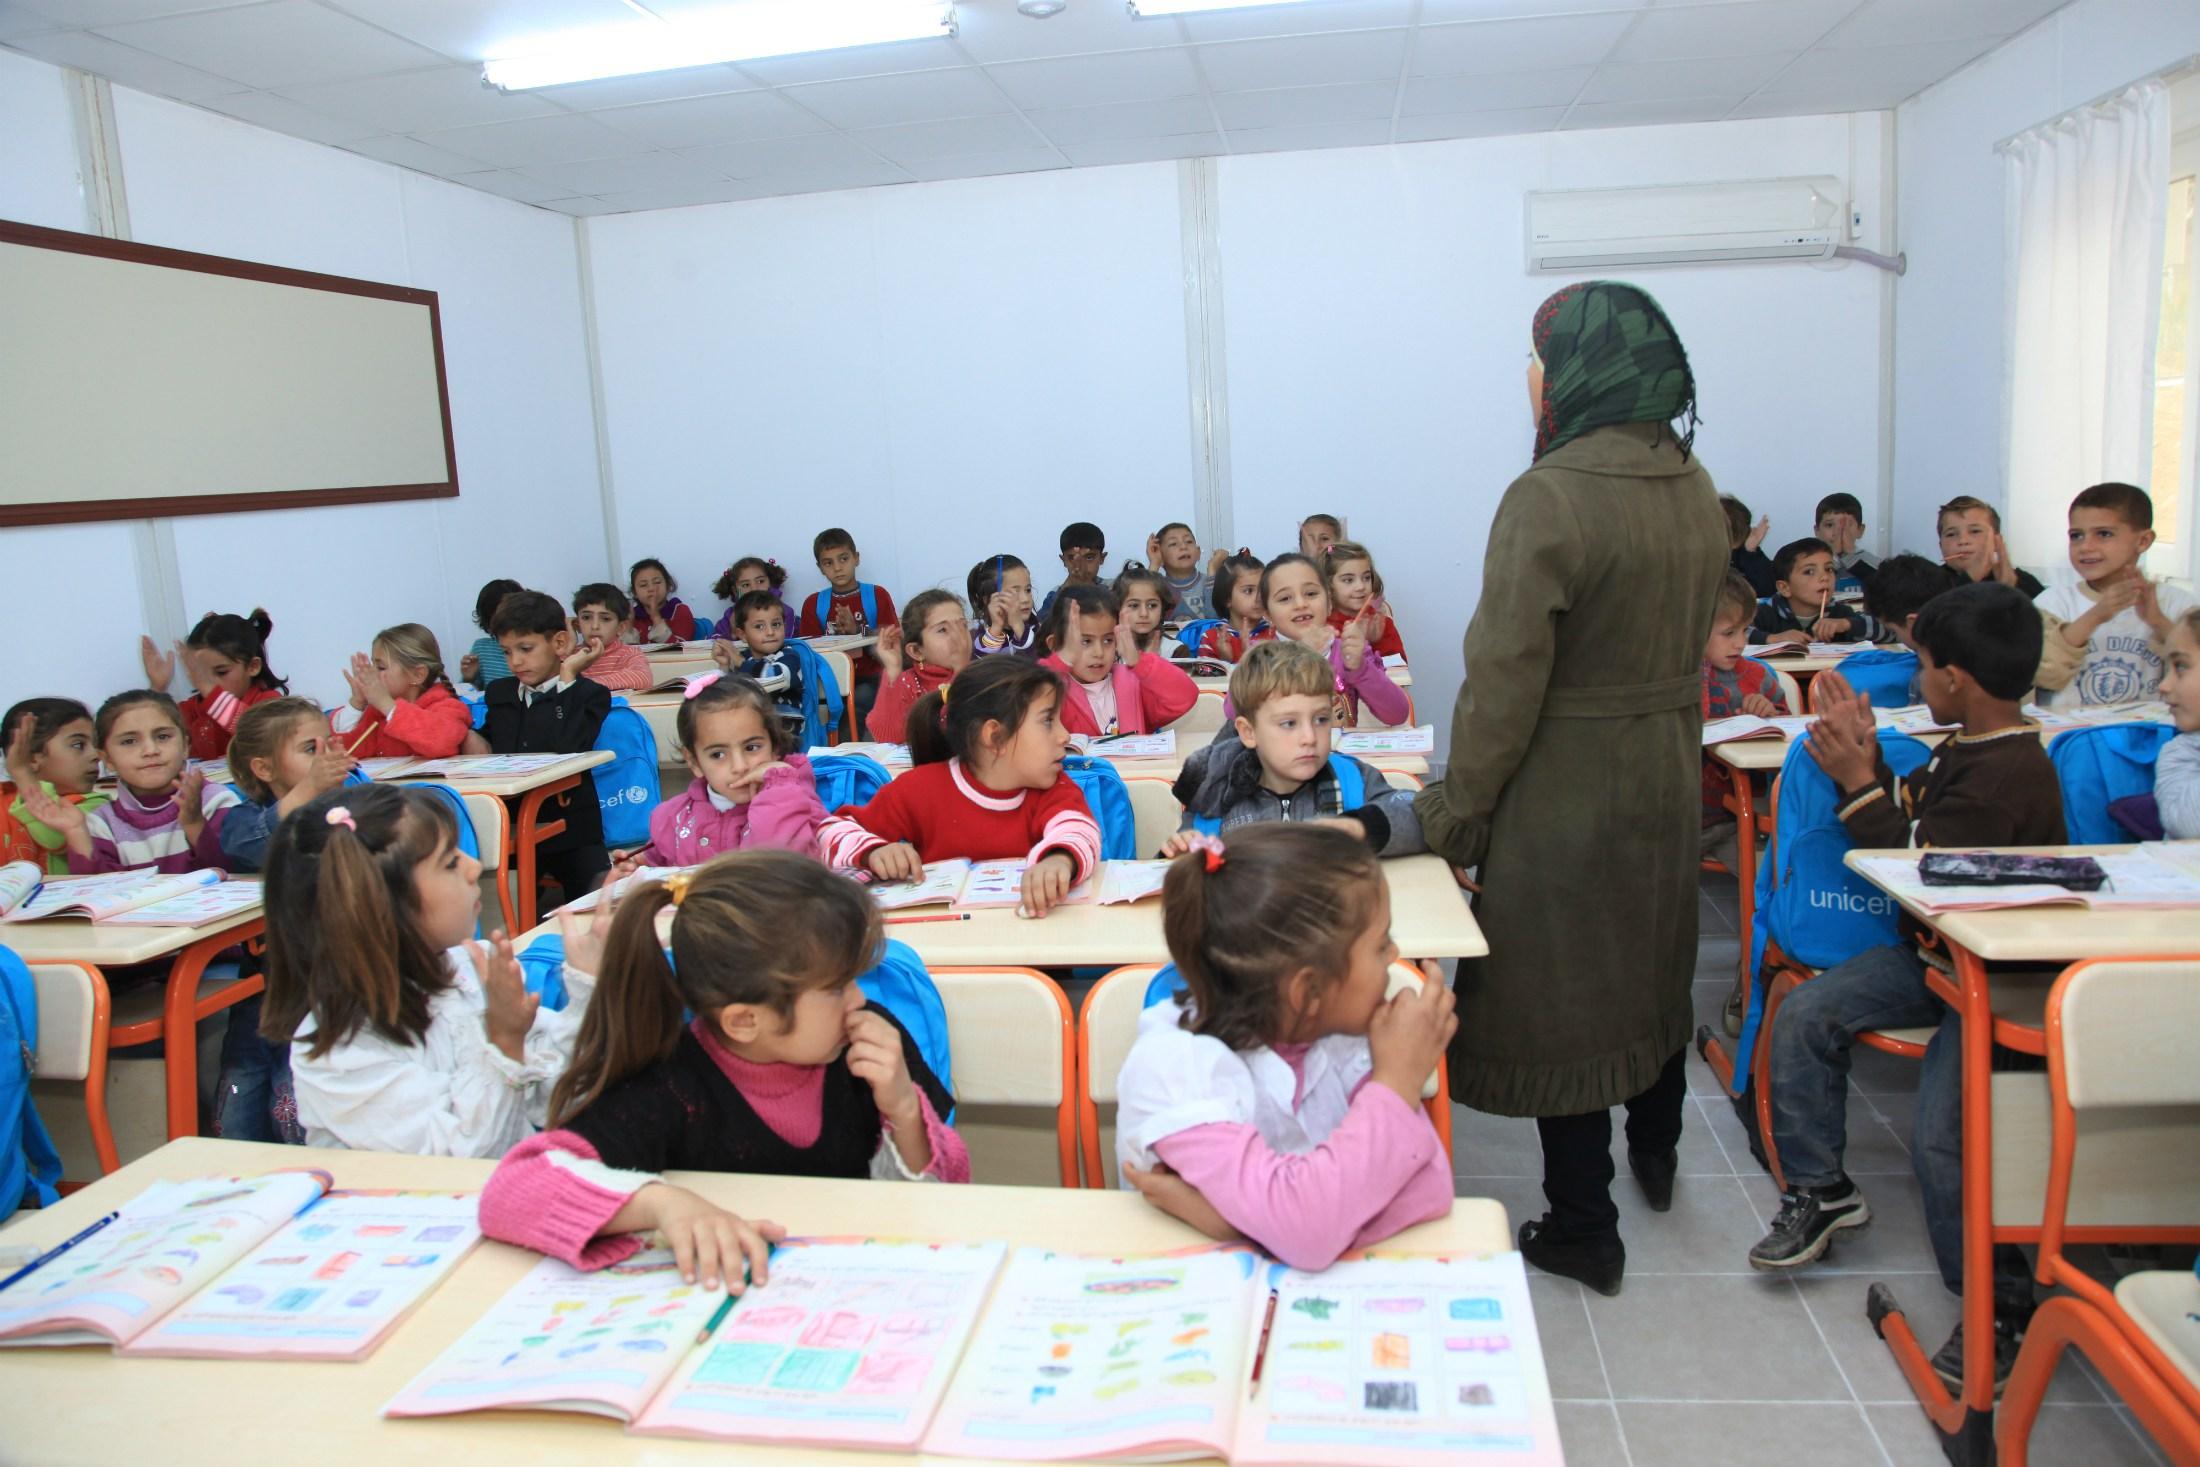 Türkiye'deki ekonomik ve siyasi sorunları çözebilmek için öncelikle eğitim sorunlarını çözmemiz, bu sorunu çözebilmek için eğitim sisteminin içerdiklerinden bilinmesi gerekir: